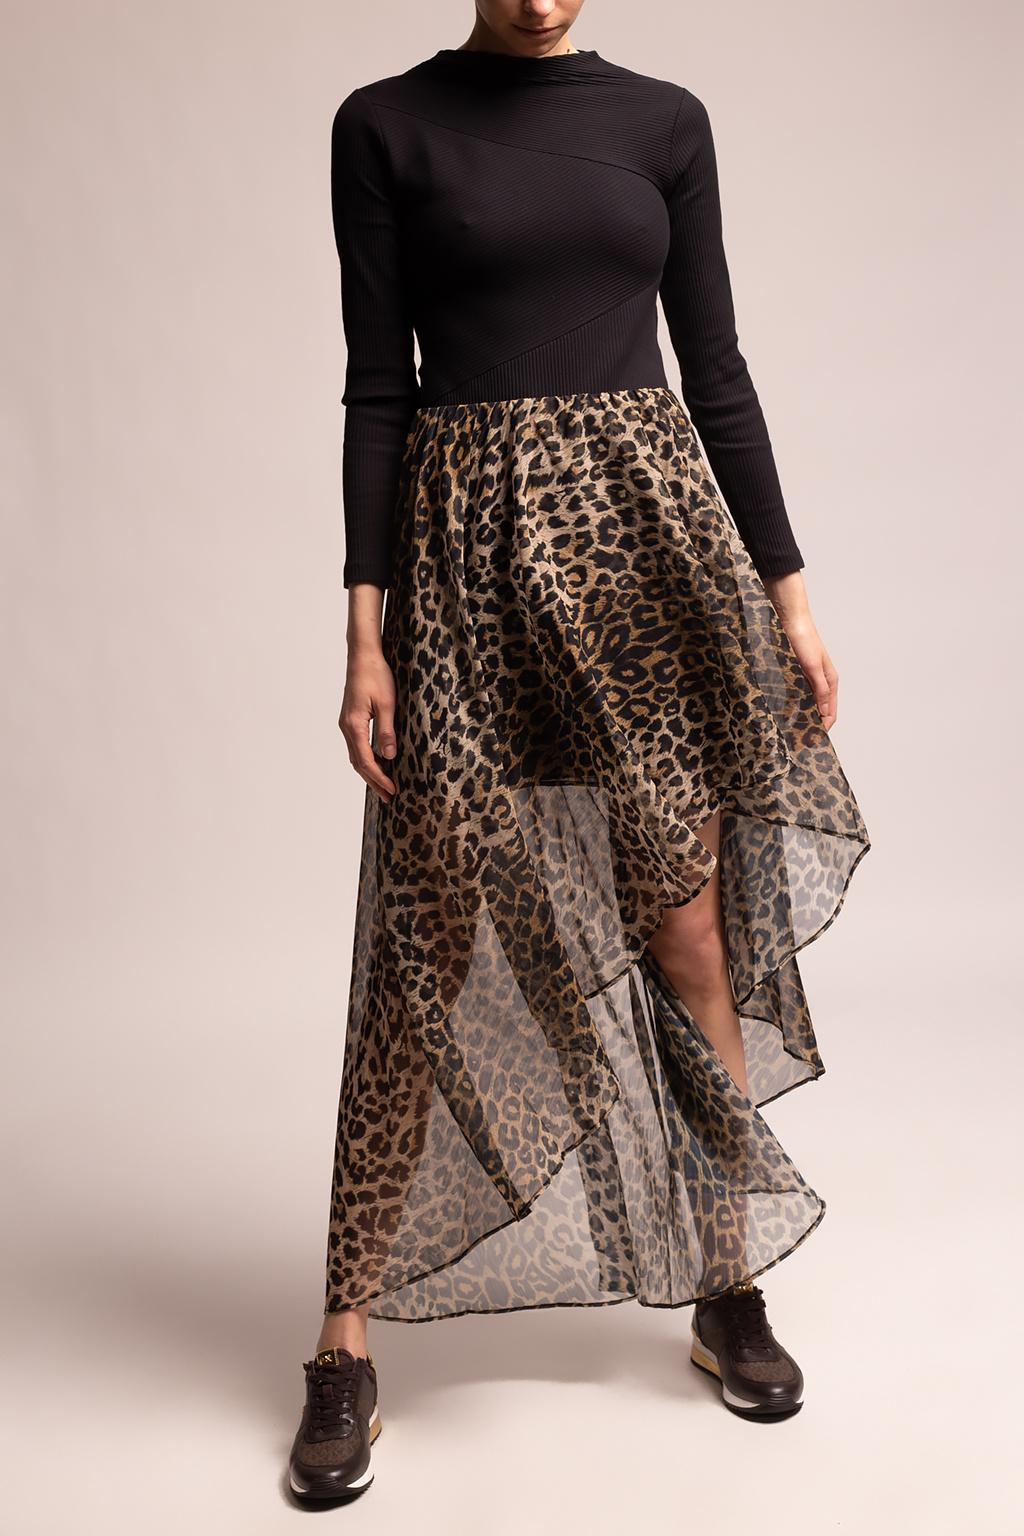 AllSaints 'Gia' bodysuit